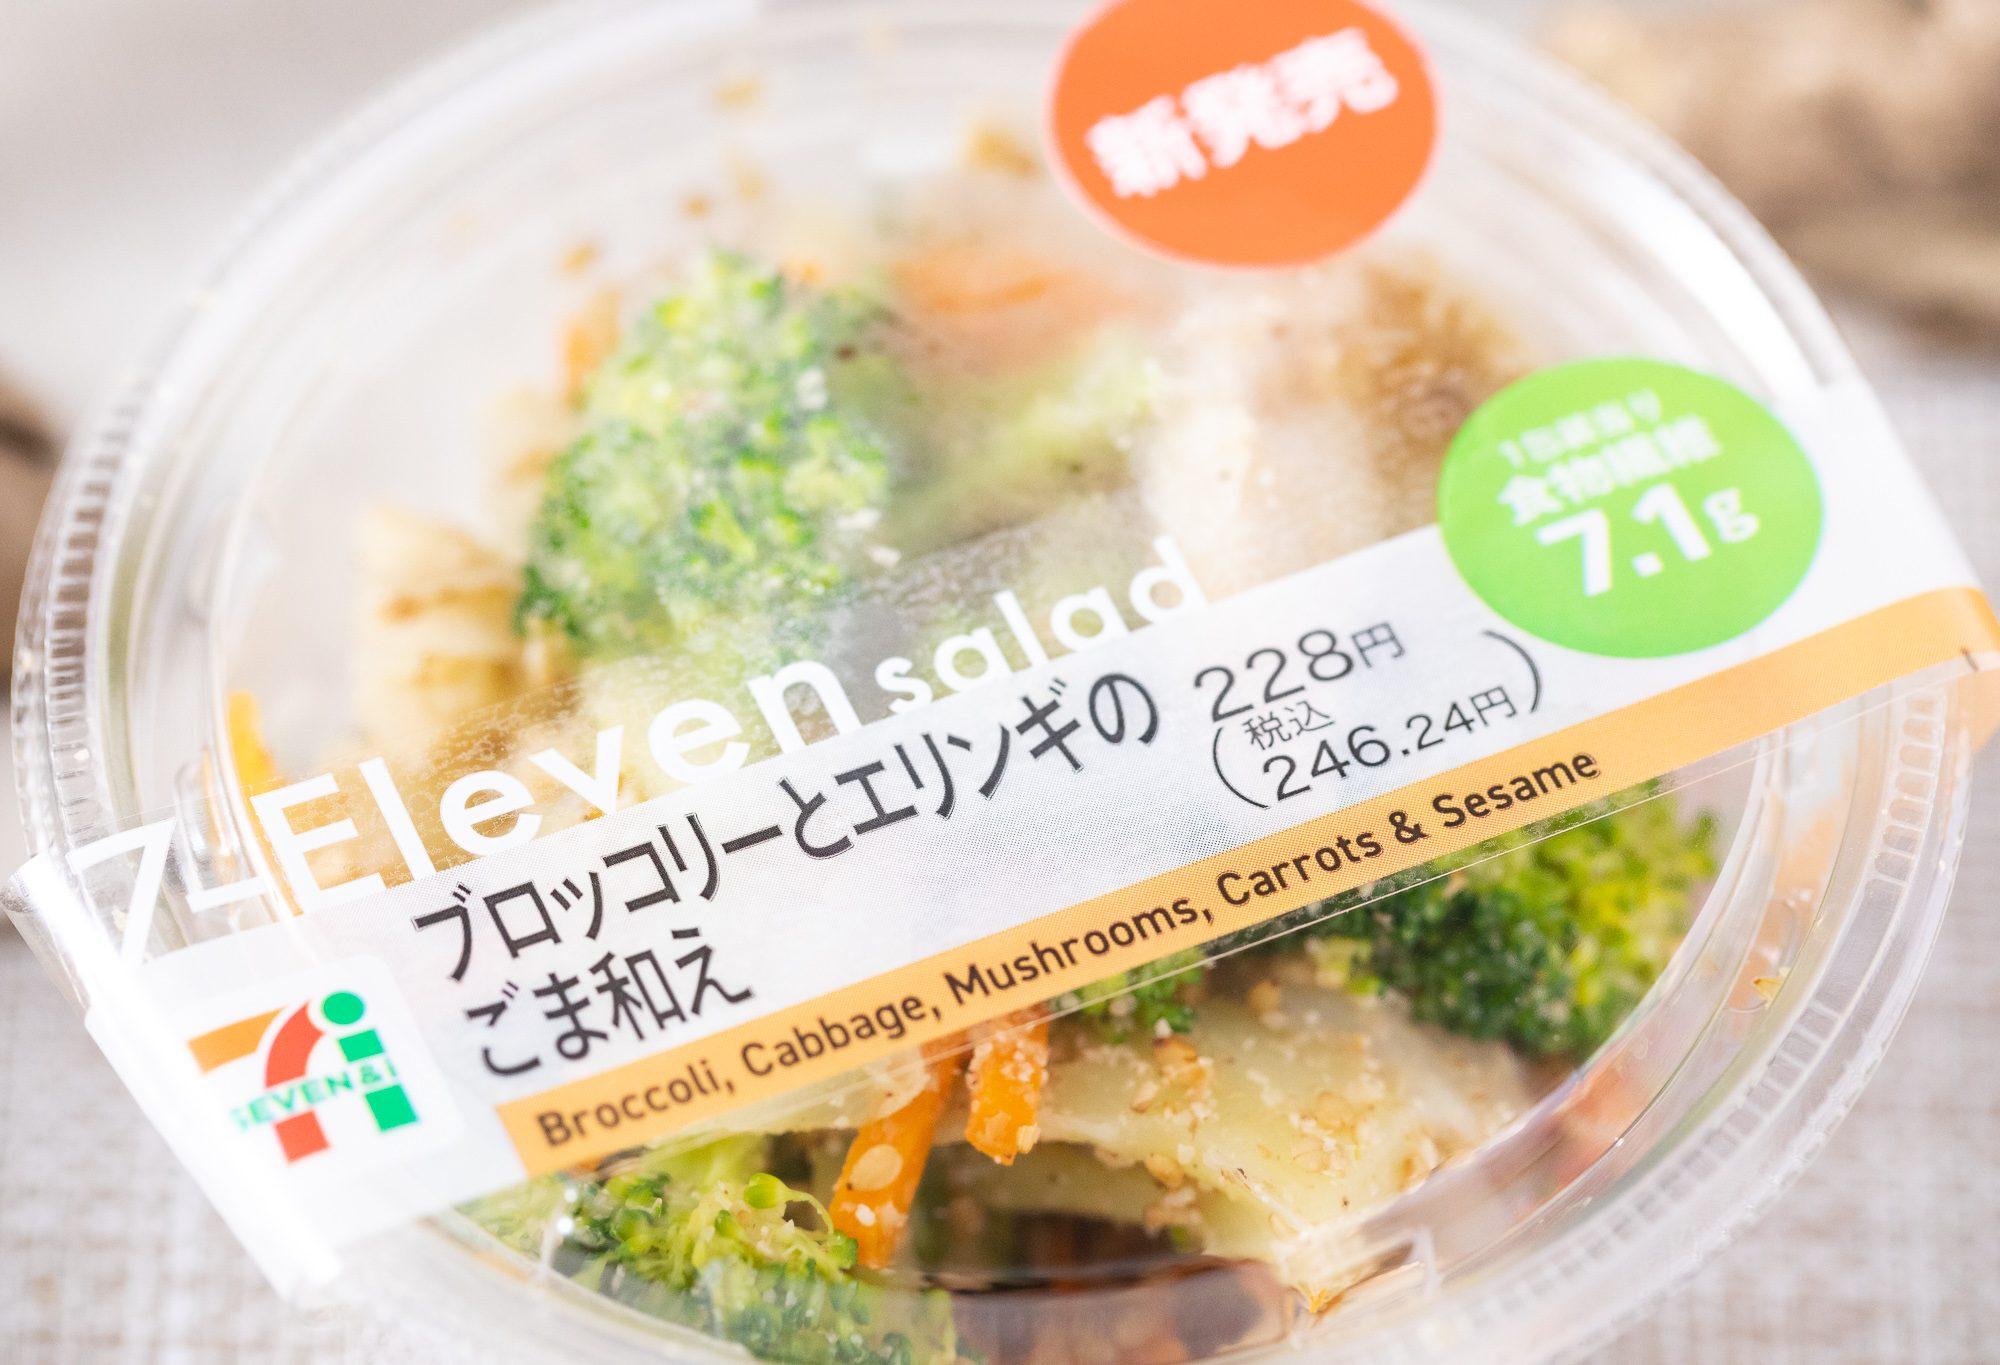 セブン-イレブン『ブロッコリーとエリンギのごま和え』はごまの甘くて香ばしい風味にだしをしっかりと感じられる和食系お惣菜!